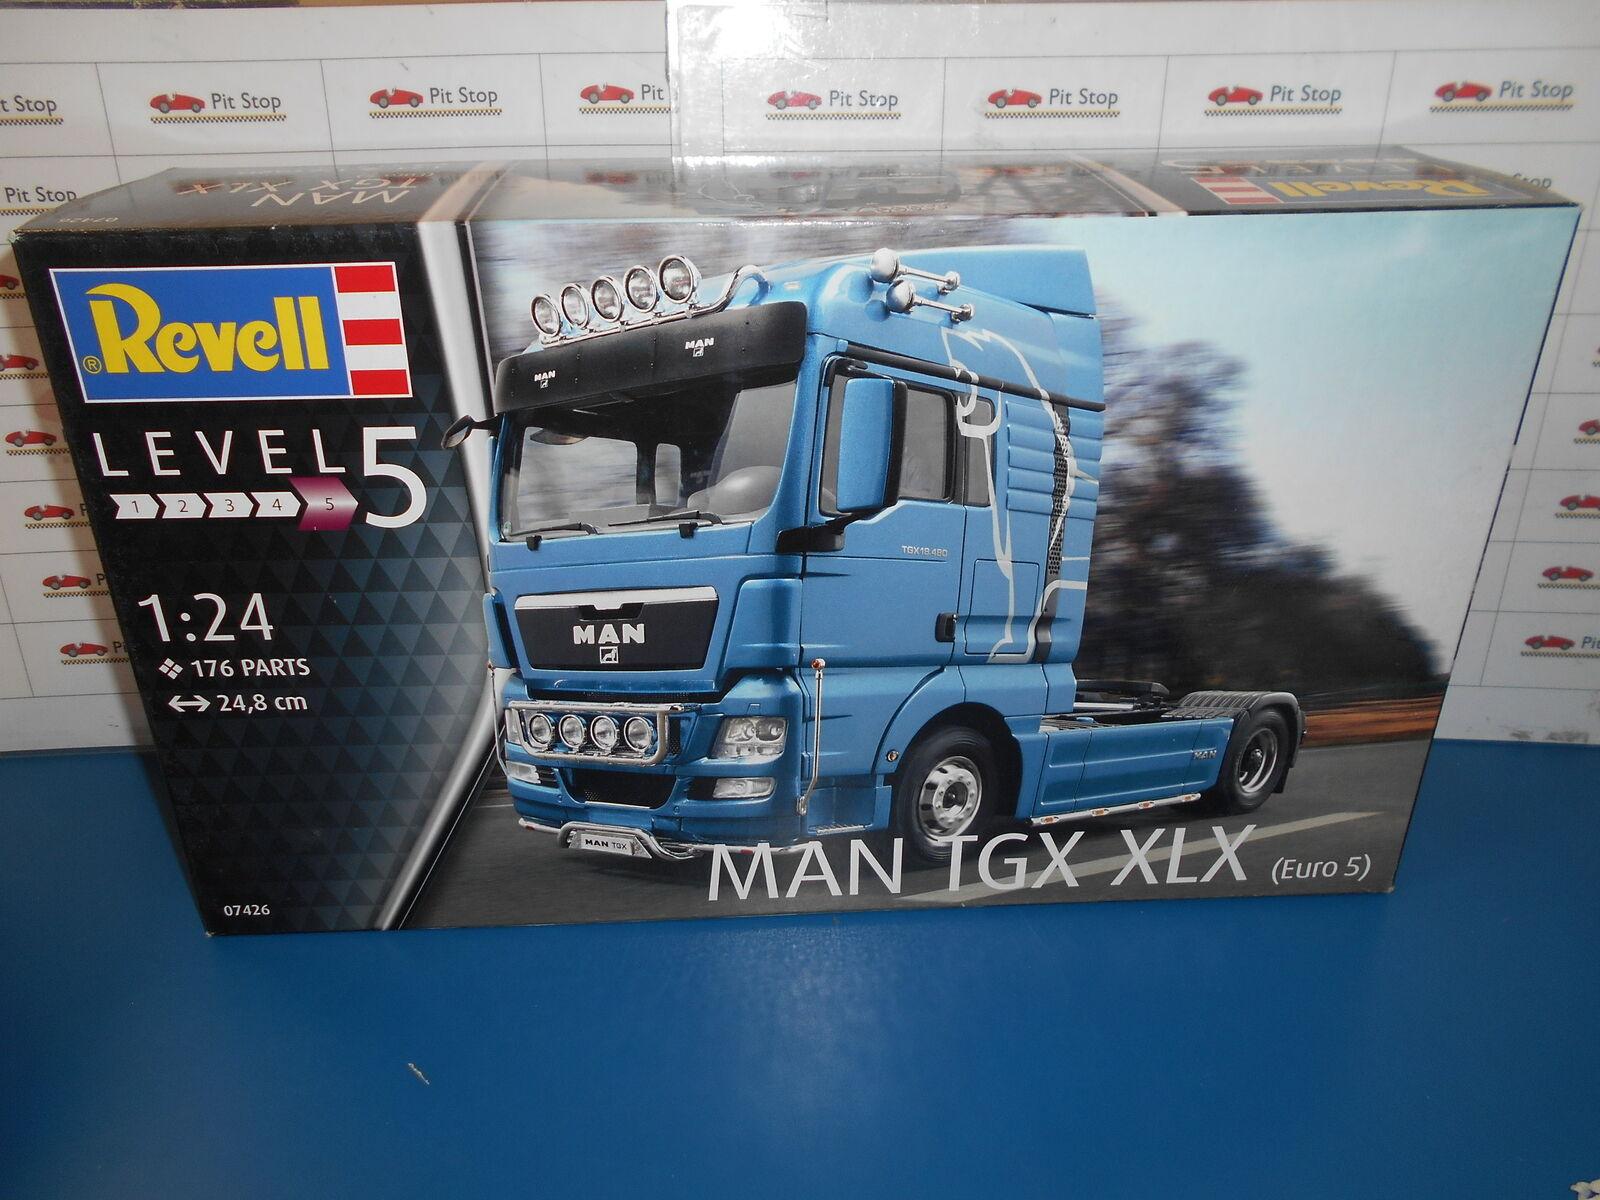 Rev07426, suministrado por el conjunto de montajes de reverell Man GTX xlx - 1  24